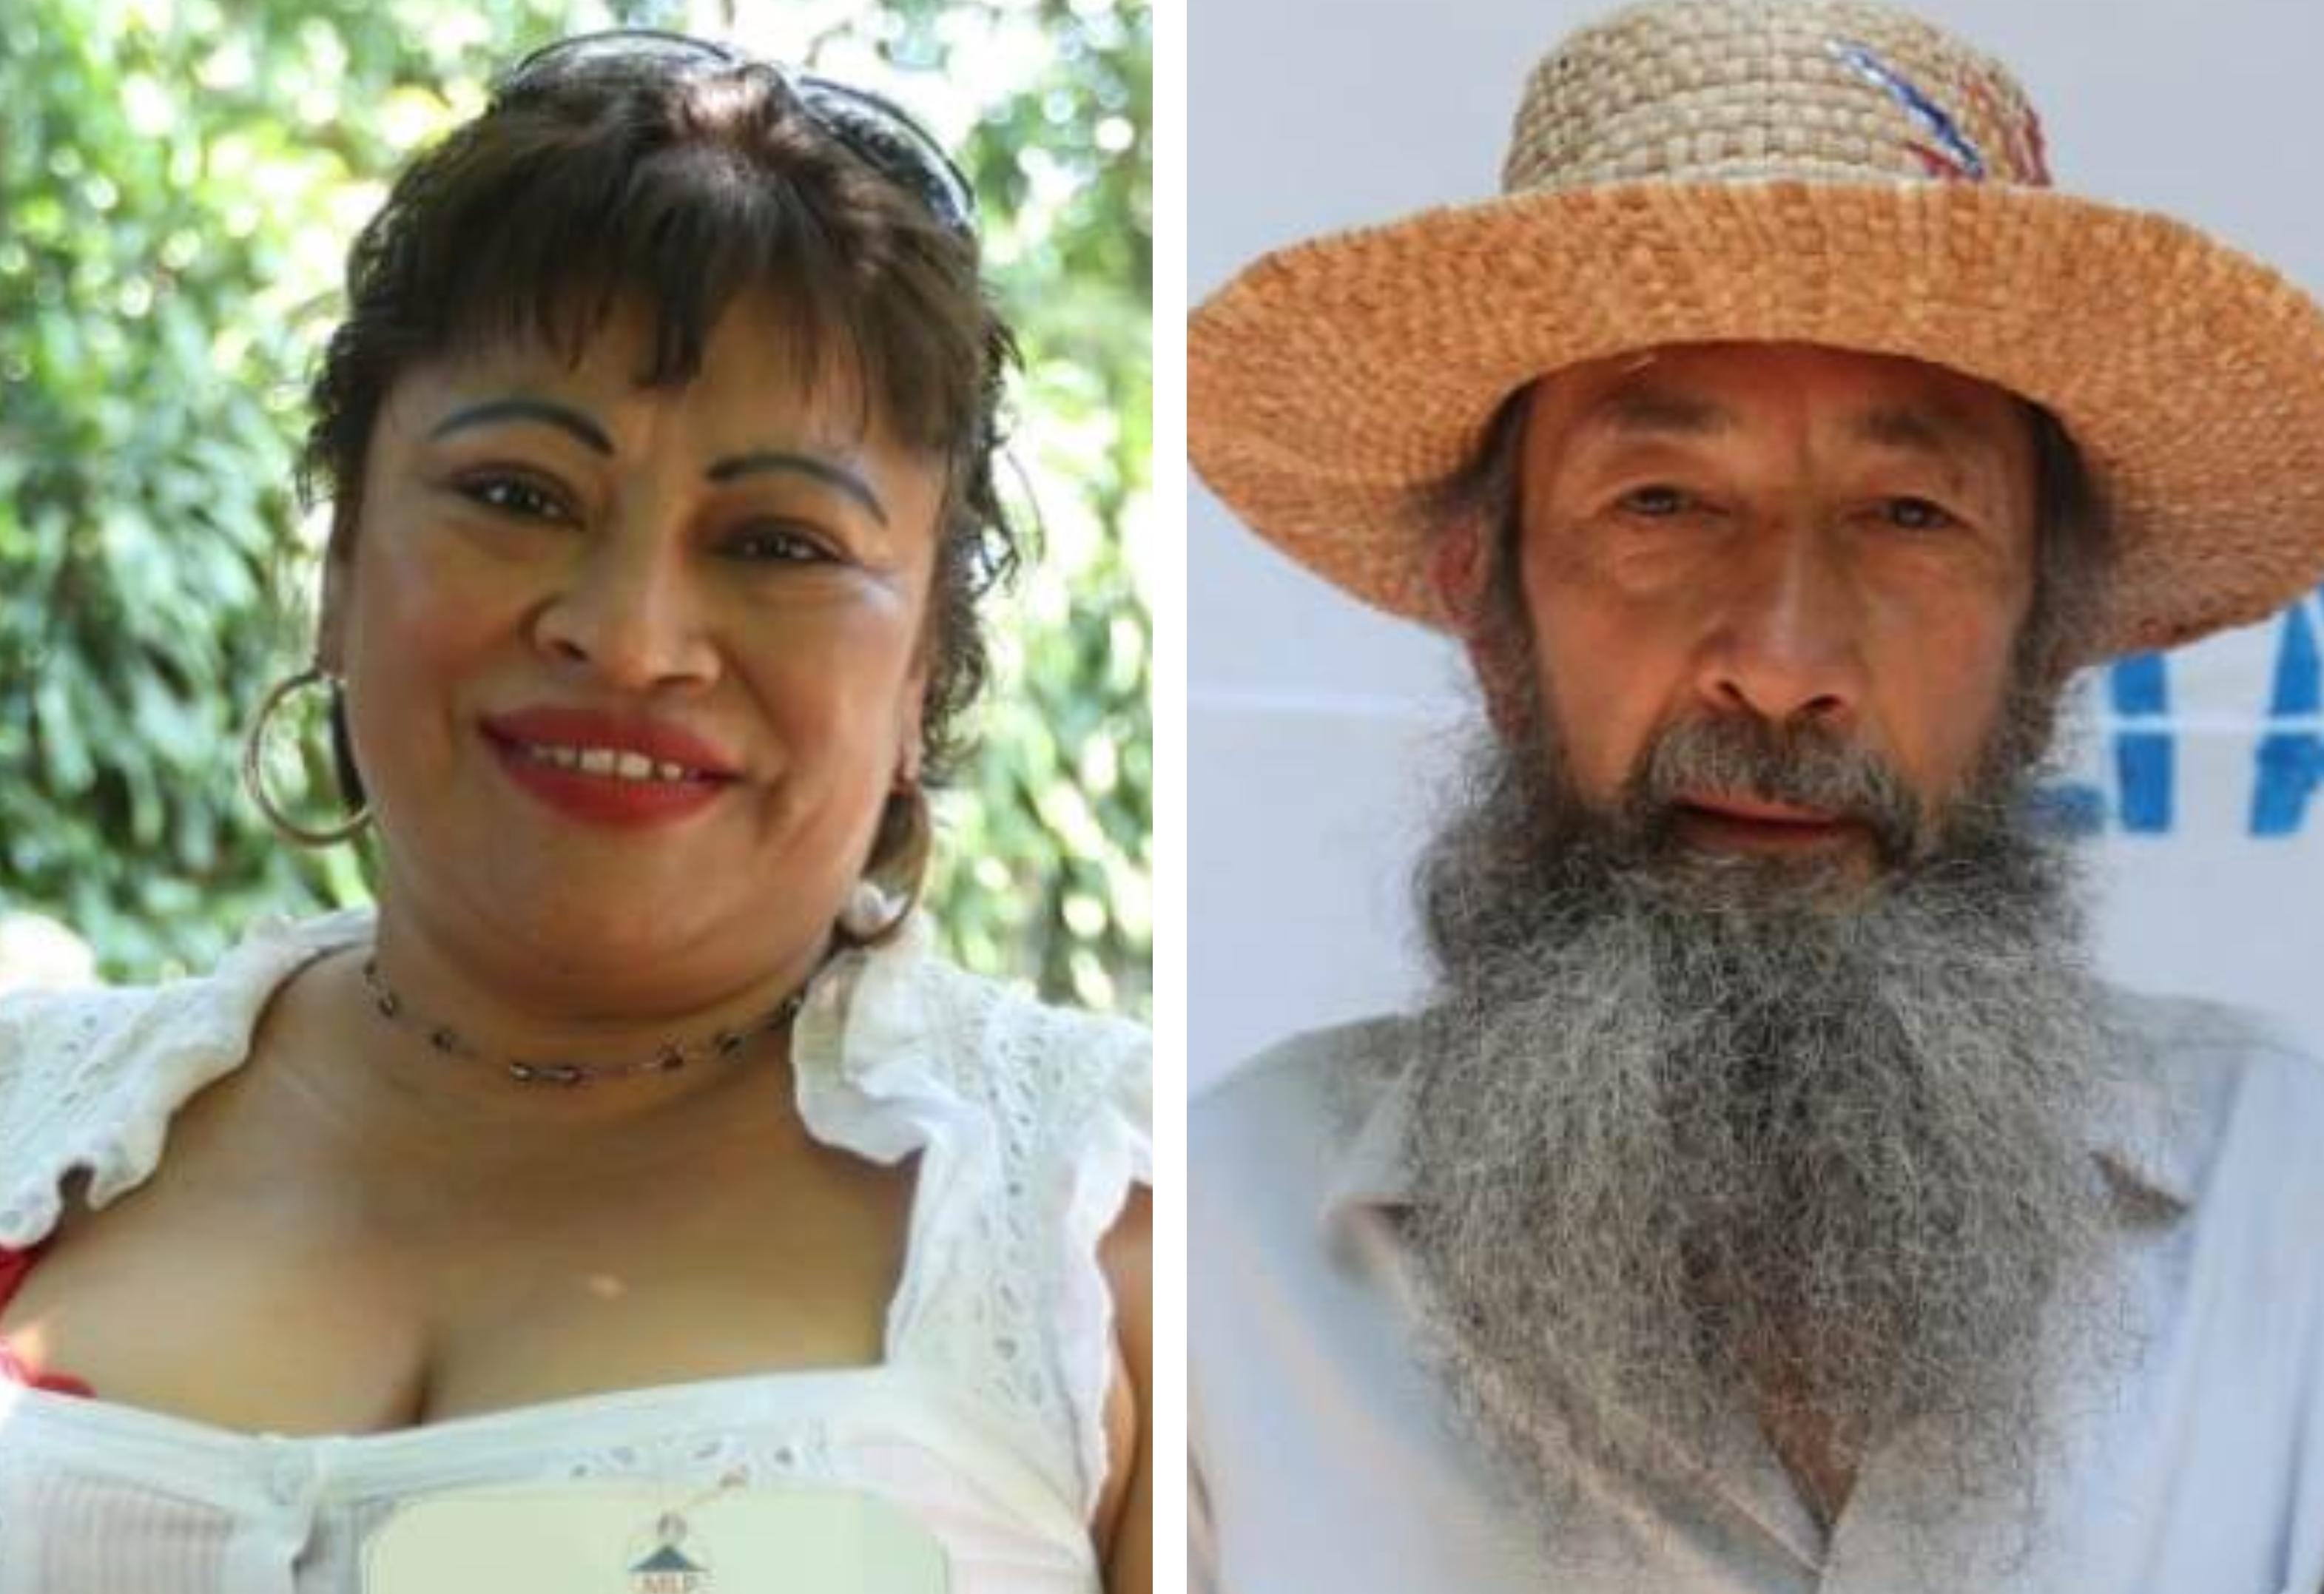 La Pirulina y El Caminante, personajes que han surgido en manifestaciones ciudadanas, buscan llegar al Congreso. (Foto Prensa Libre: Esbin García)